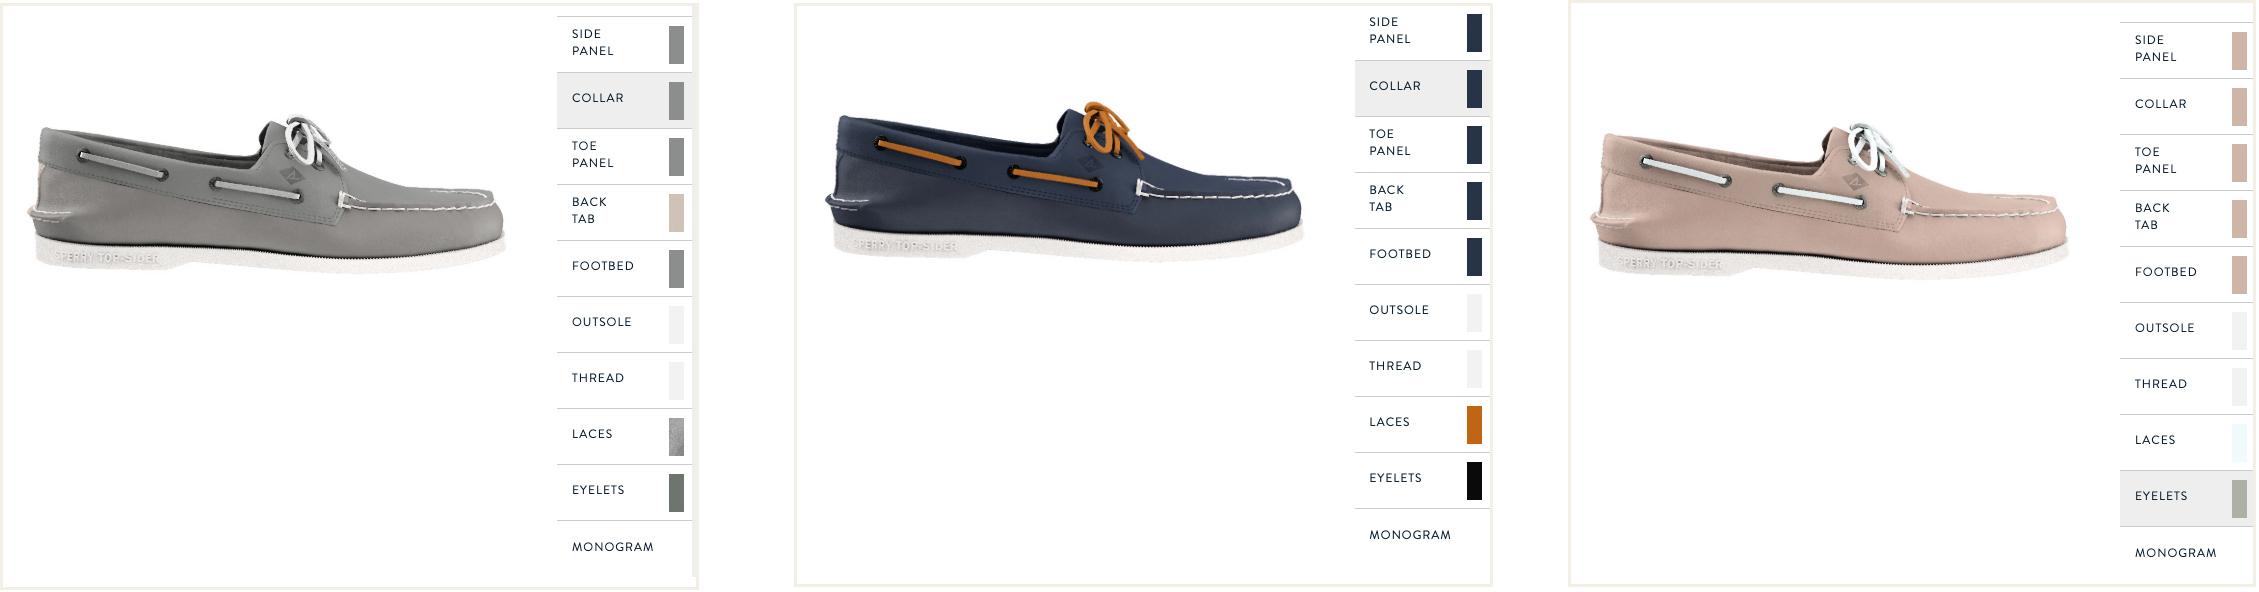 Customizable Women's Shoes